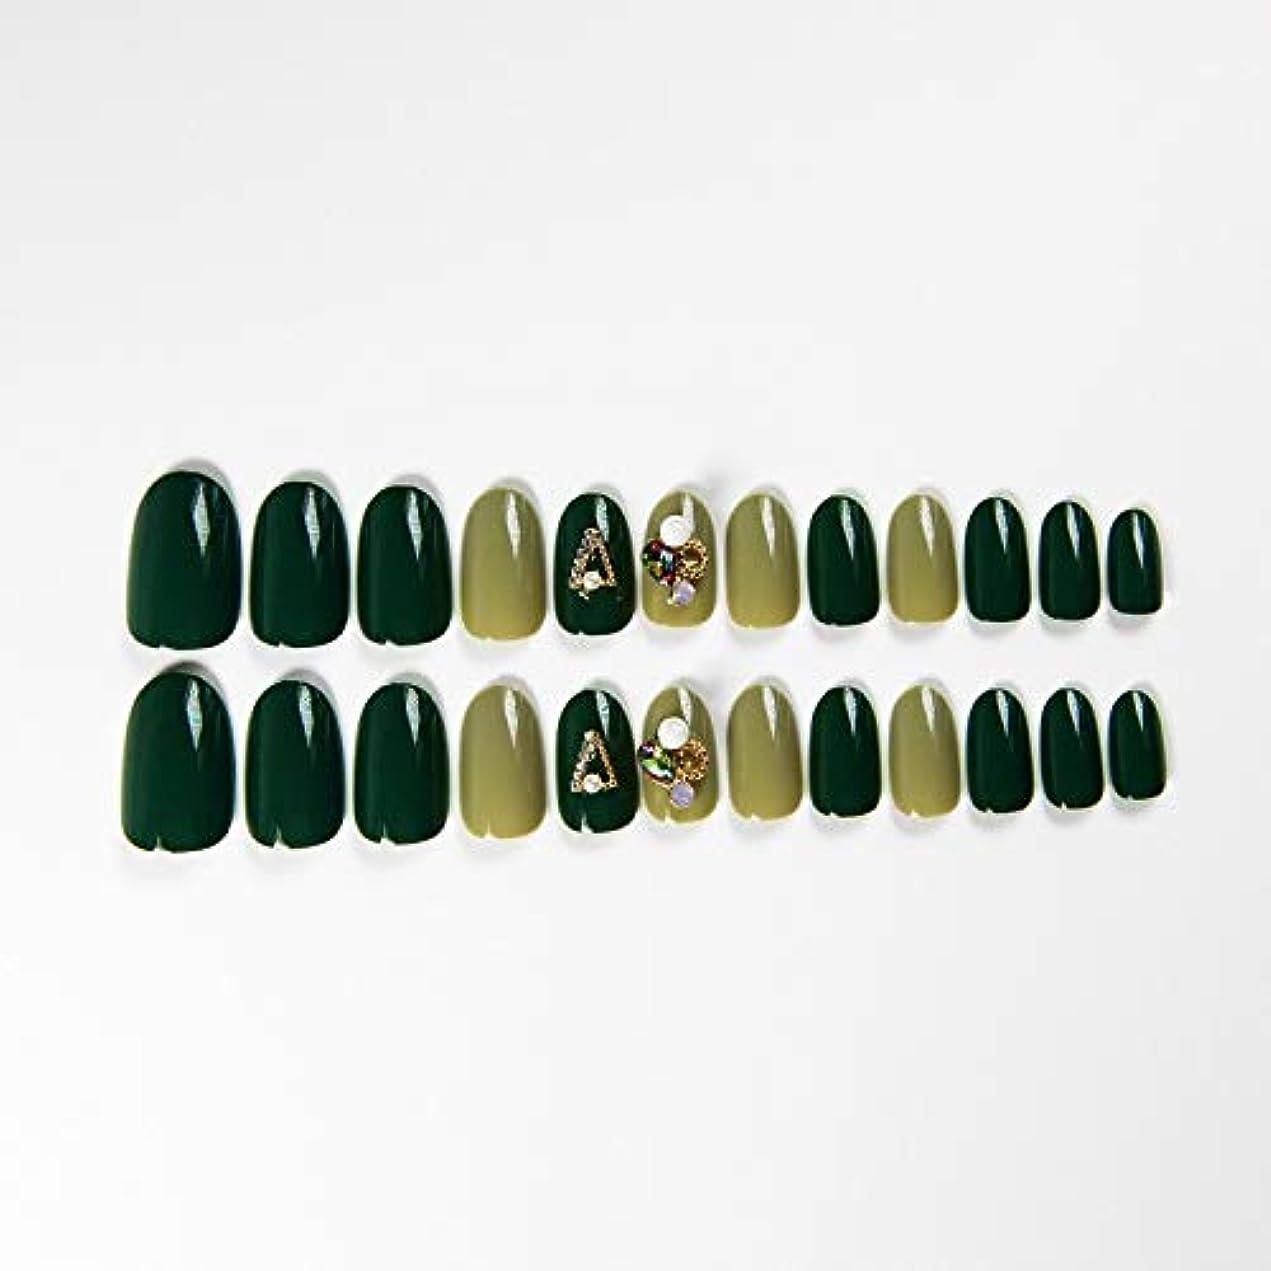 AFAEF HOME 緑の偽爪キット24pcsアボカドの緑の偽の爪、接着剤付き